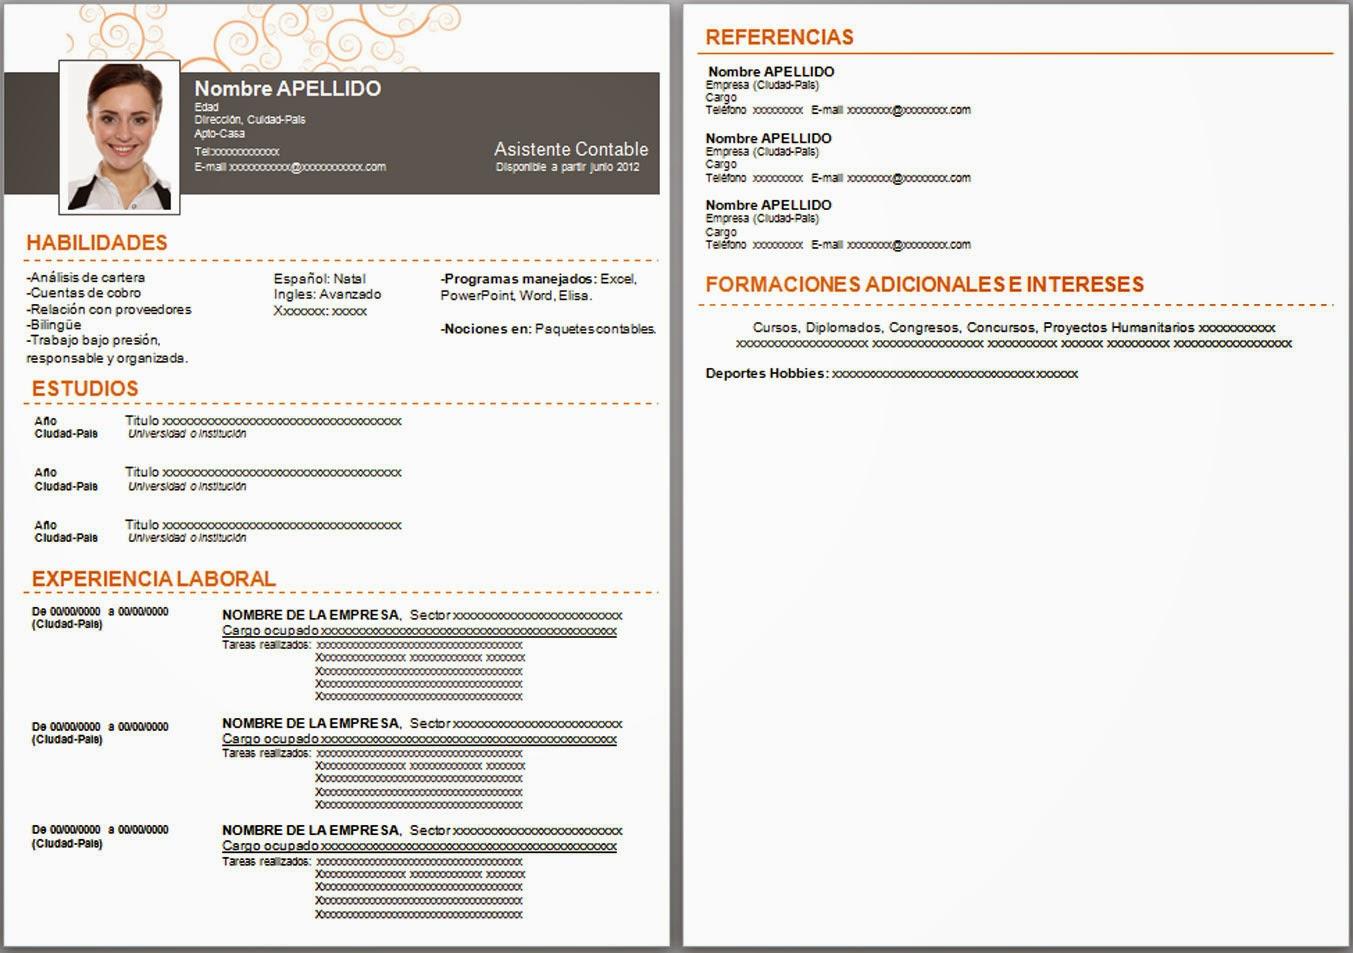 plantillas de curriculum vitae informacion descargadictos